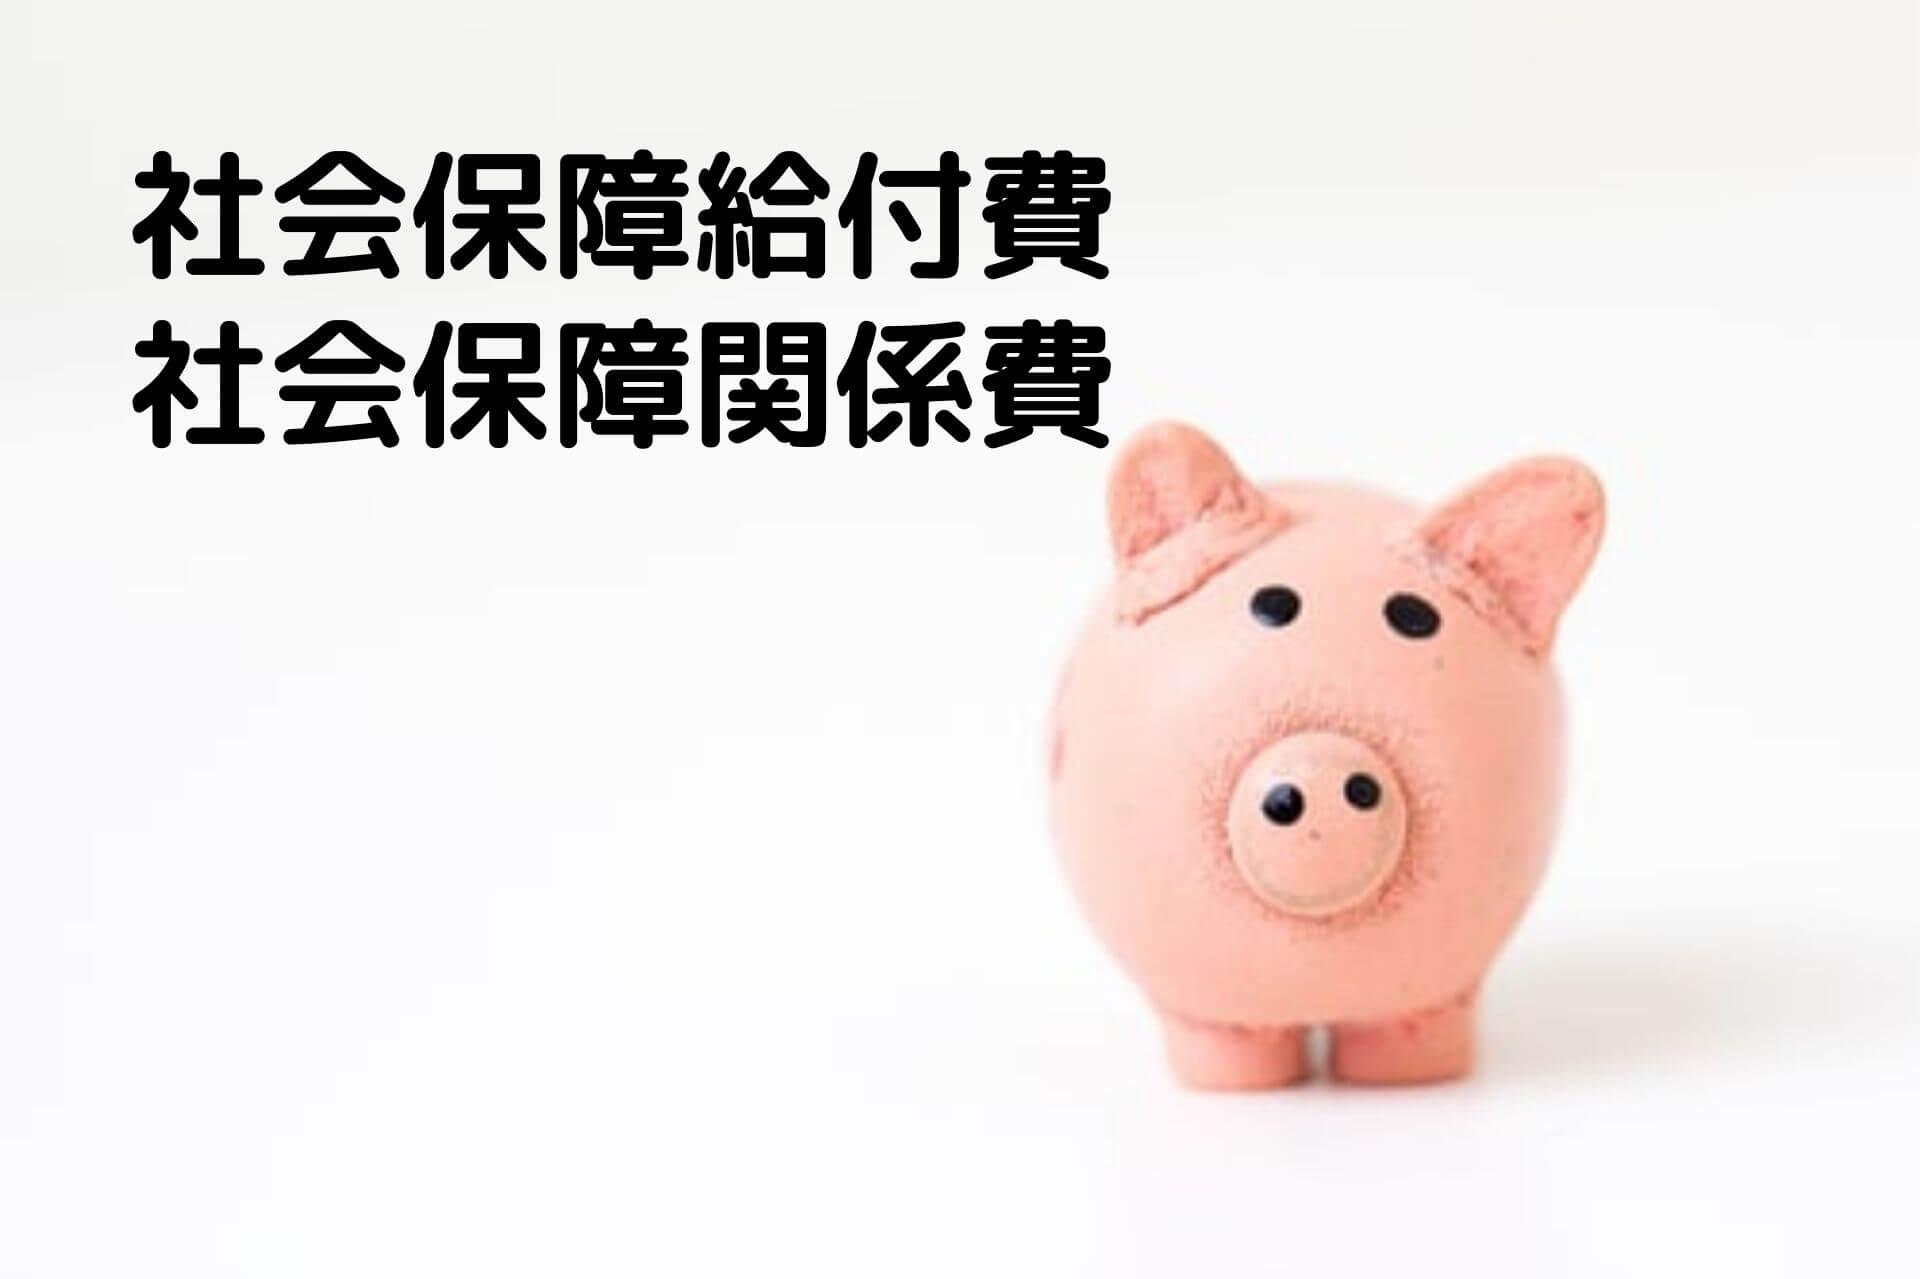 社会保障給付費と社会保障関係費